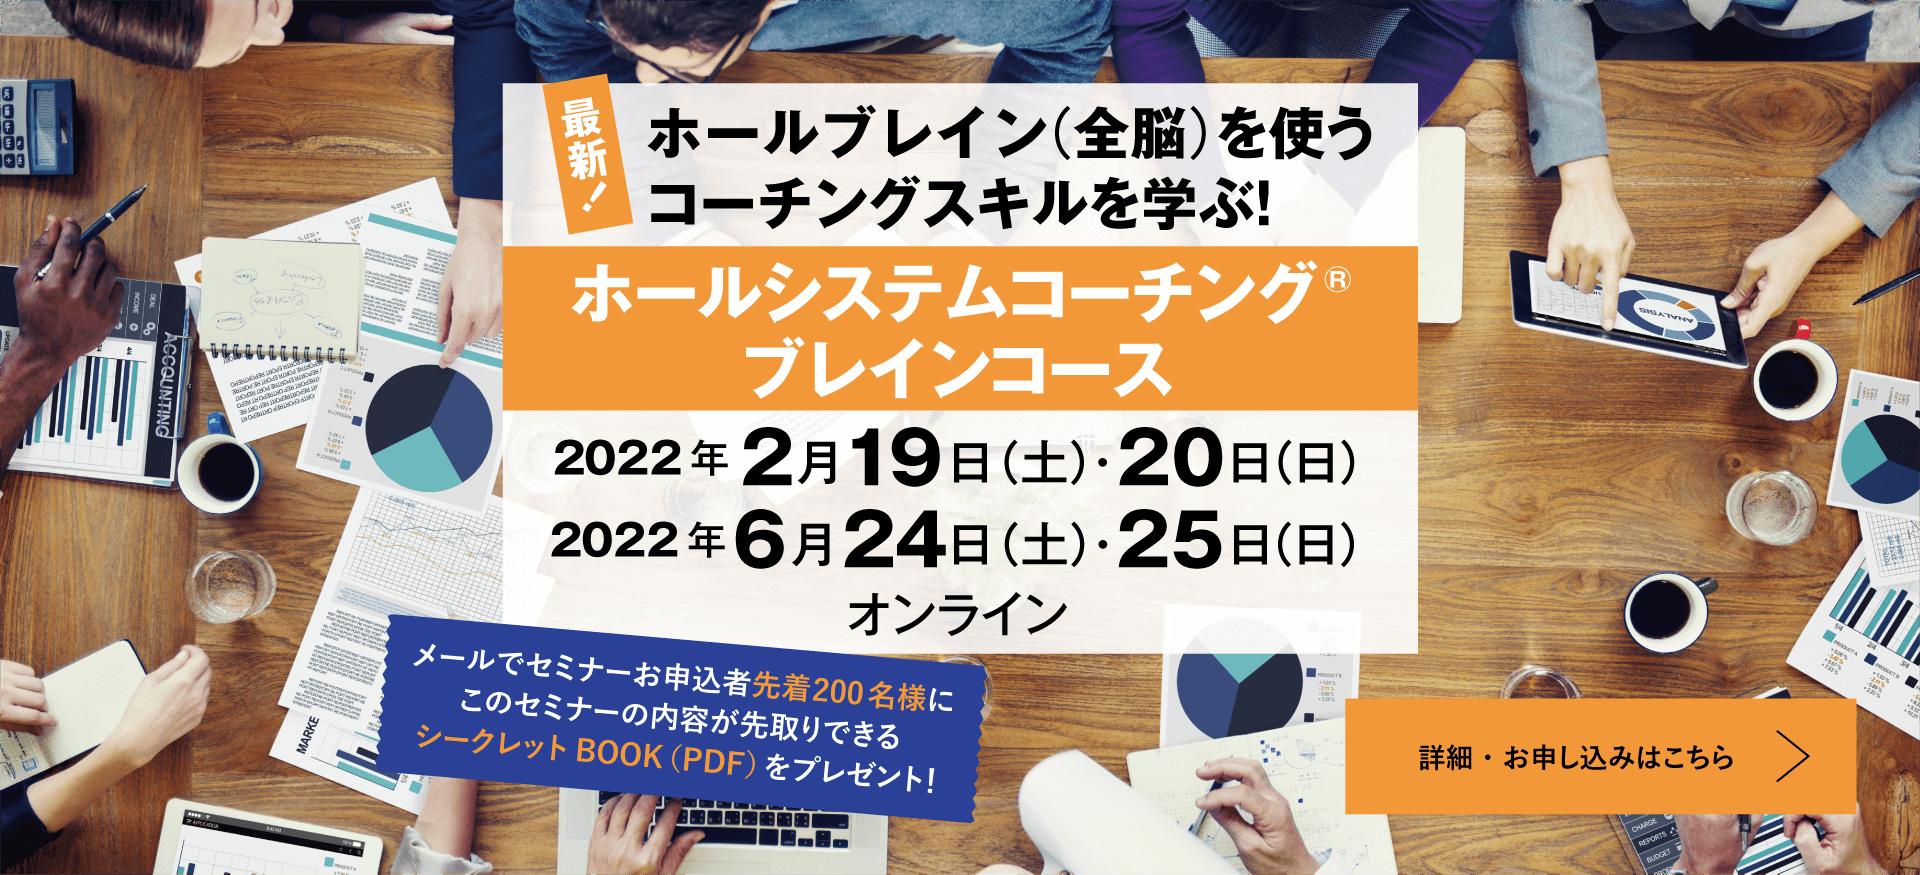 最新! ホールブレイン(全脳)を使うコーチングスキルを学ぶ! ホールシステムコーチング®ブレインコース 2019年2月16日(土)・17日(日)6月22日(土)・23日(日)大阪/エルおおさか メールでセミナーお申込者先着200名様にこのセミナーの内容が先取りできるシークレットBOOK(PDF)をプレゼント! 詳細・お申し込みはこちら